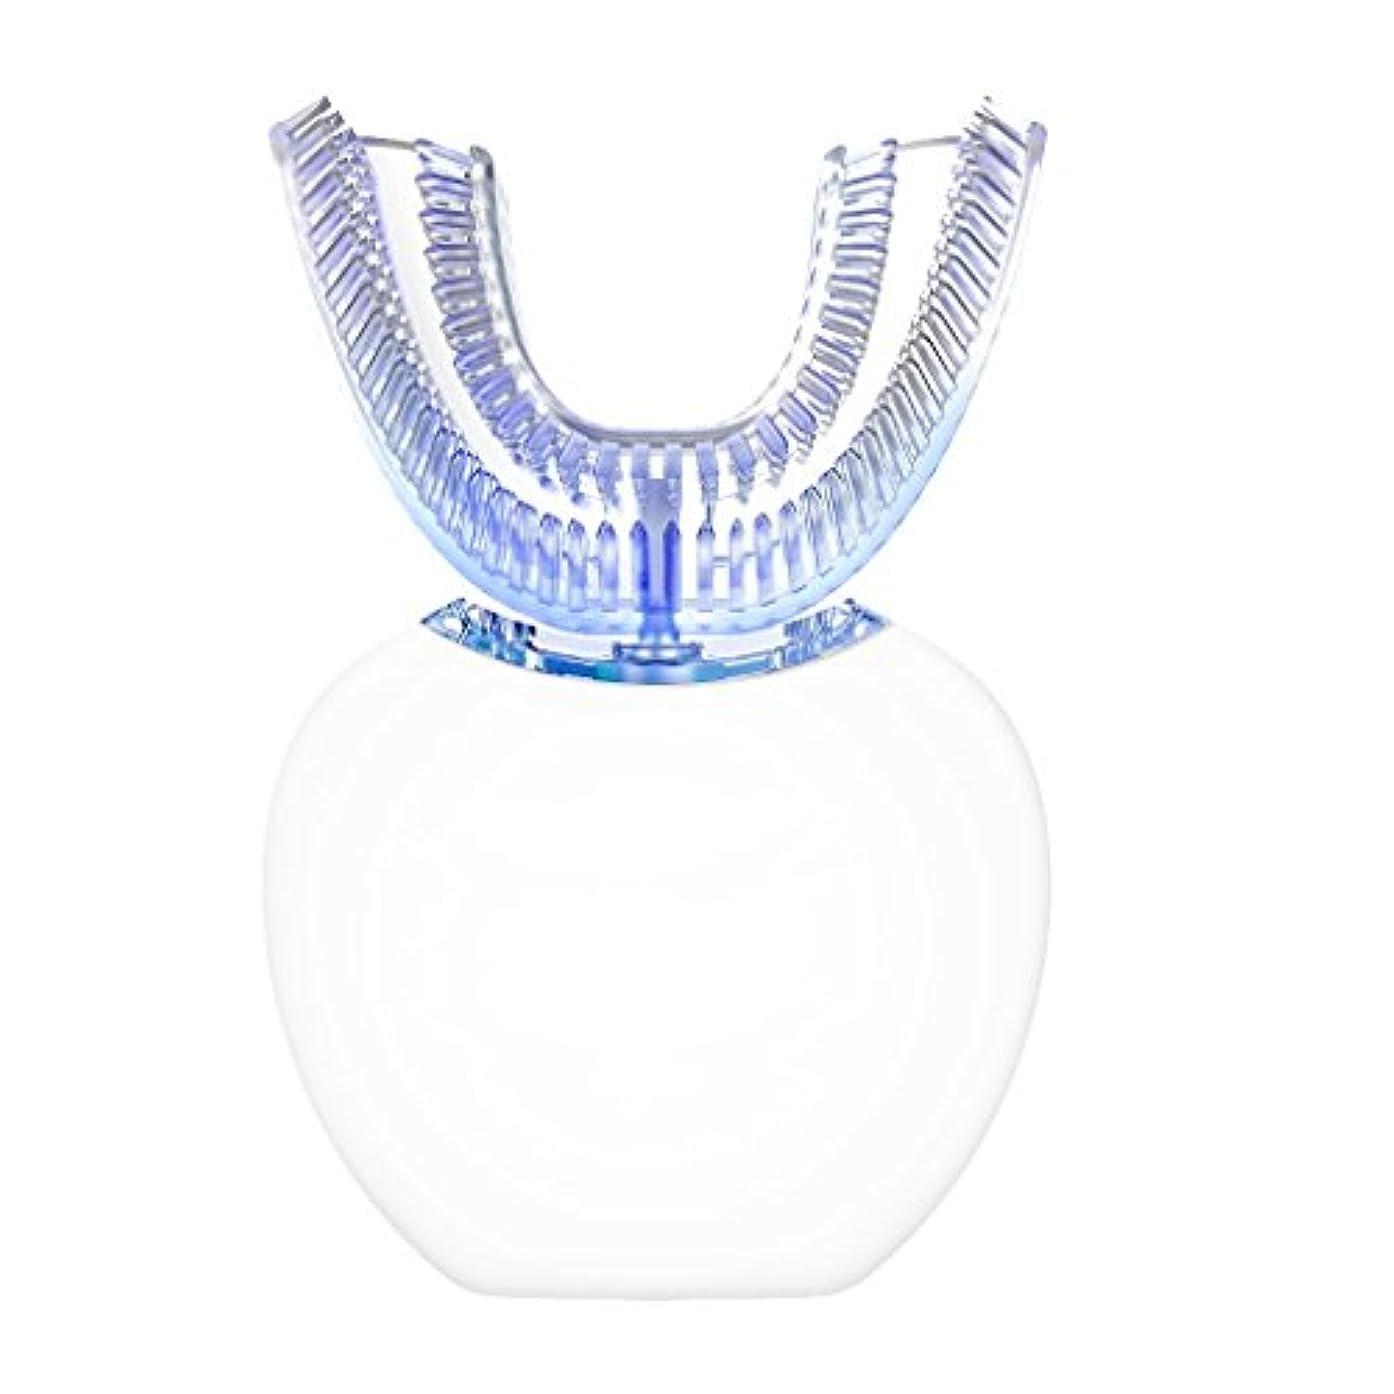 損なうヒント昼寝自動電動歯ブラシ、怠惰な人向けに設計されたNatood 360度自動歯ブラシ、ブルーレイホワイトニング機能とマッサージ機能付き , white